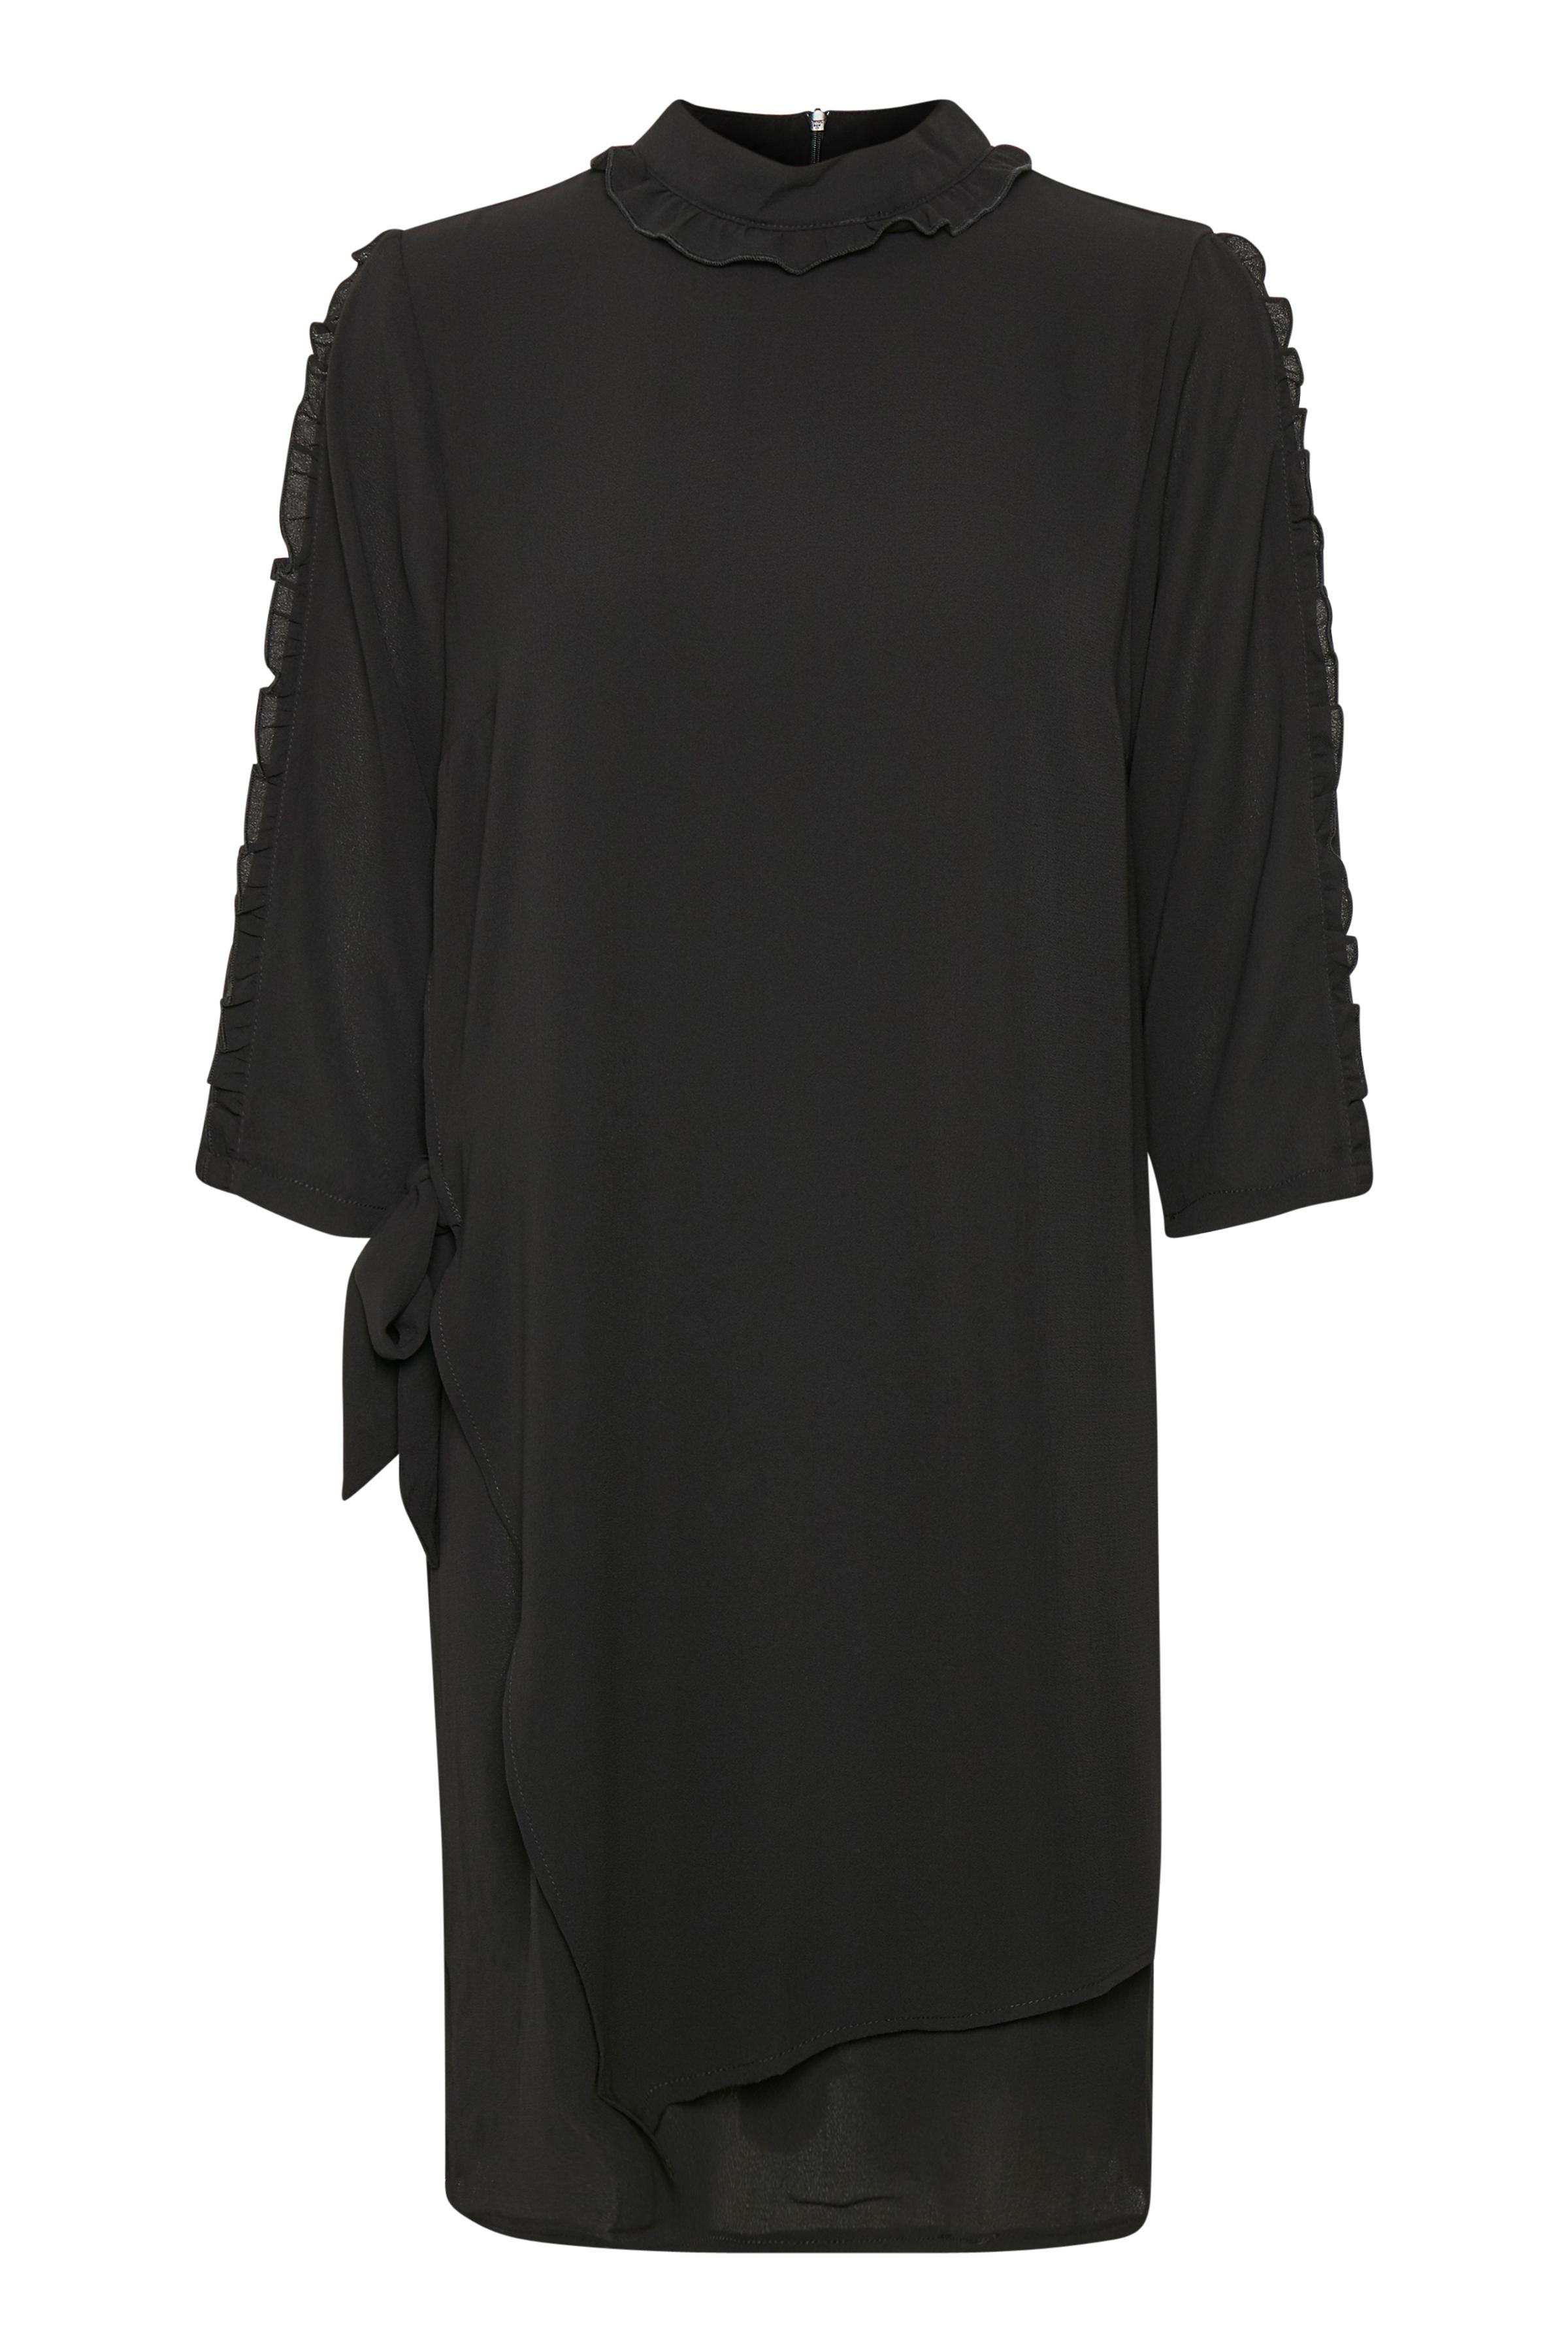 Kaffe Dame KAFFE kjole med slå-om effekt foran. Kjolen - Sort